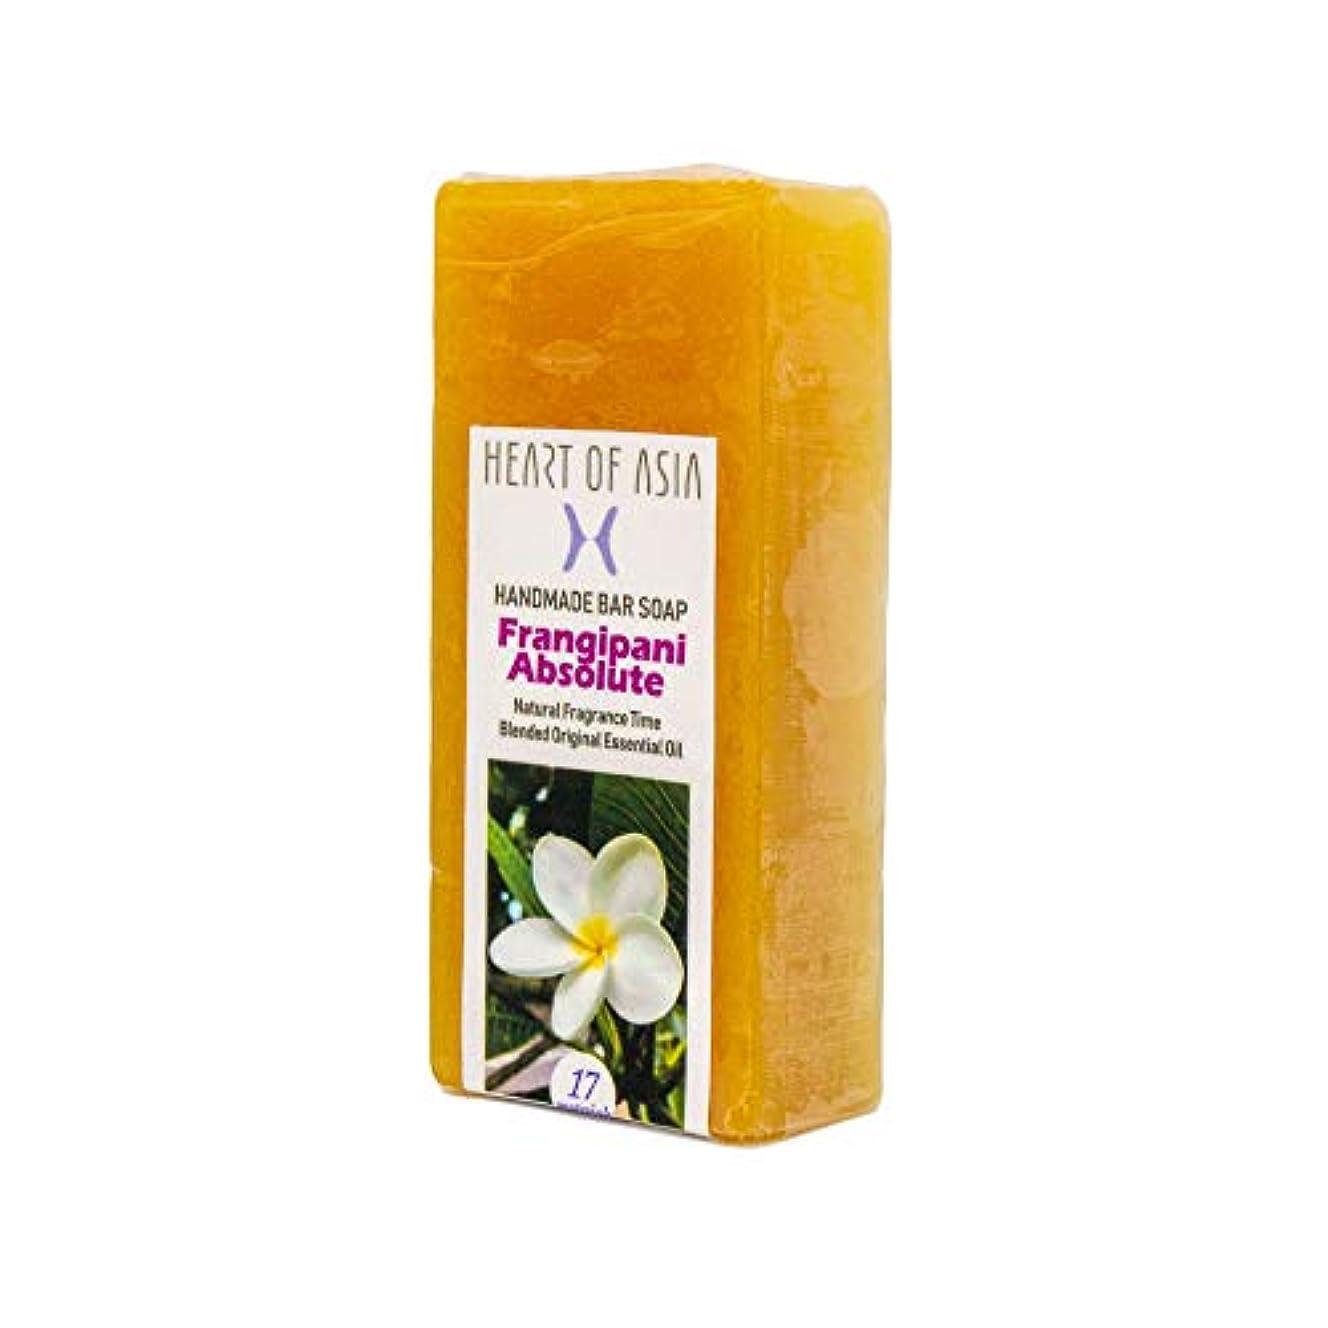 香水のようなフレグランス石けん HANDMADE BAR SOAP ~Frangipani Absolute~ (単品)